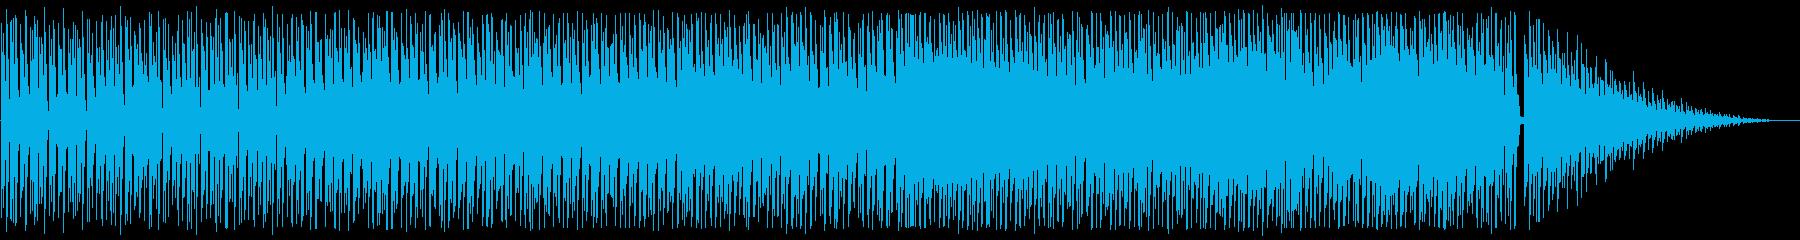 レトロ/エレクトロ_No455_3の再生済みの波形